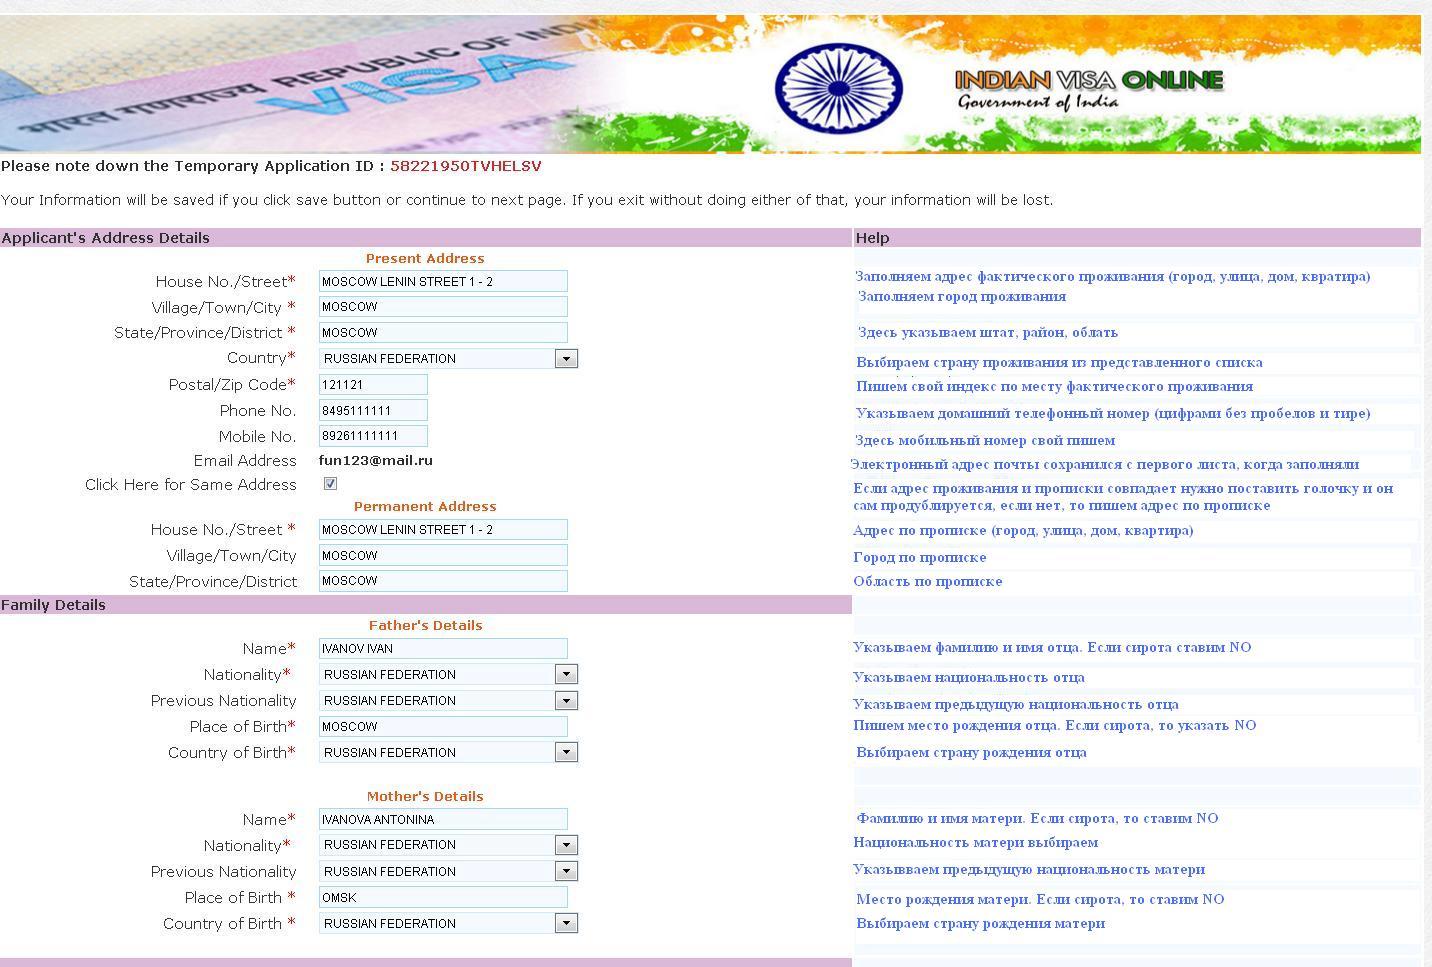 Виза в индию без билетов на самолет билеты на самолет дешево на яндексе